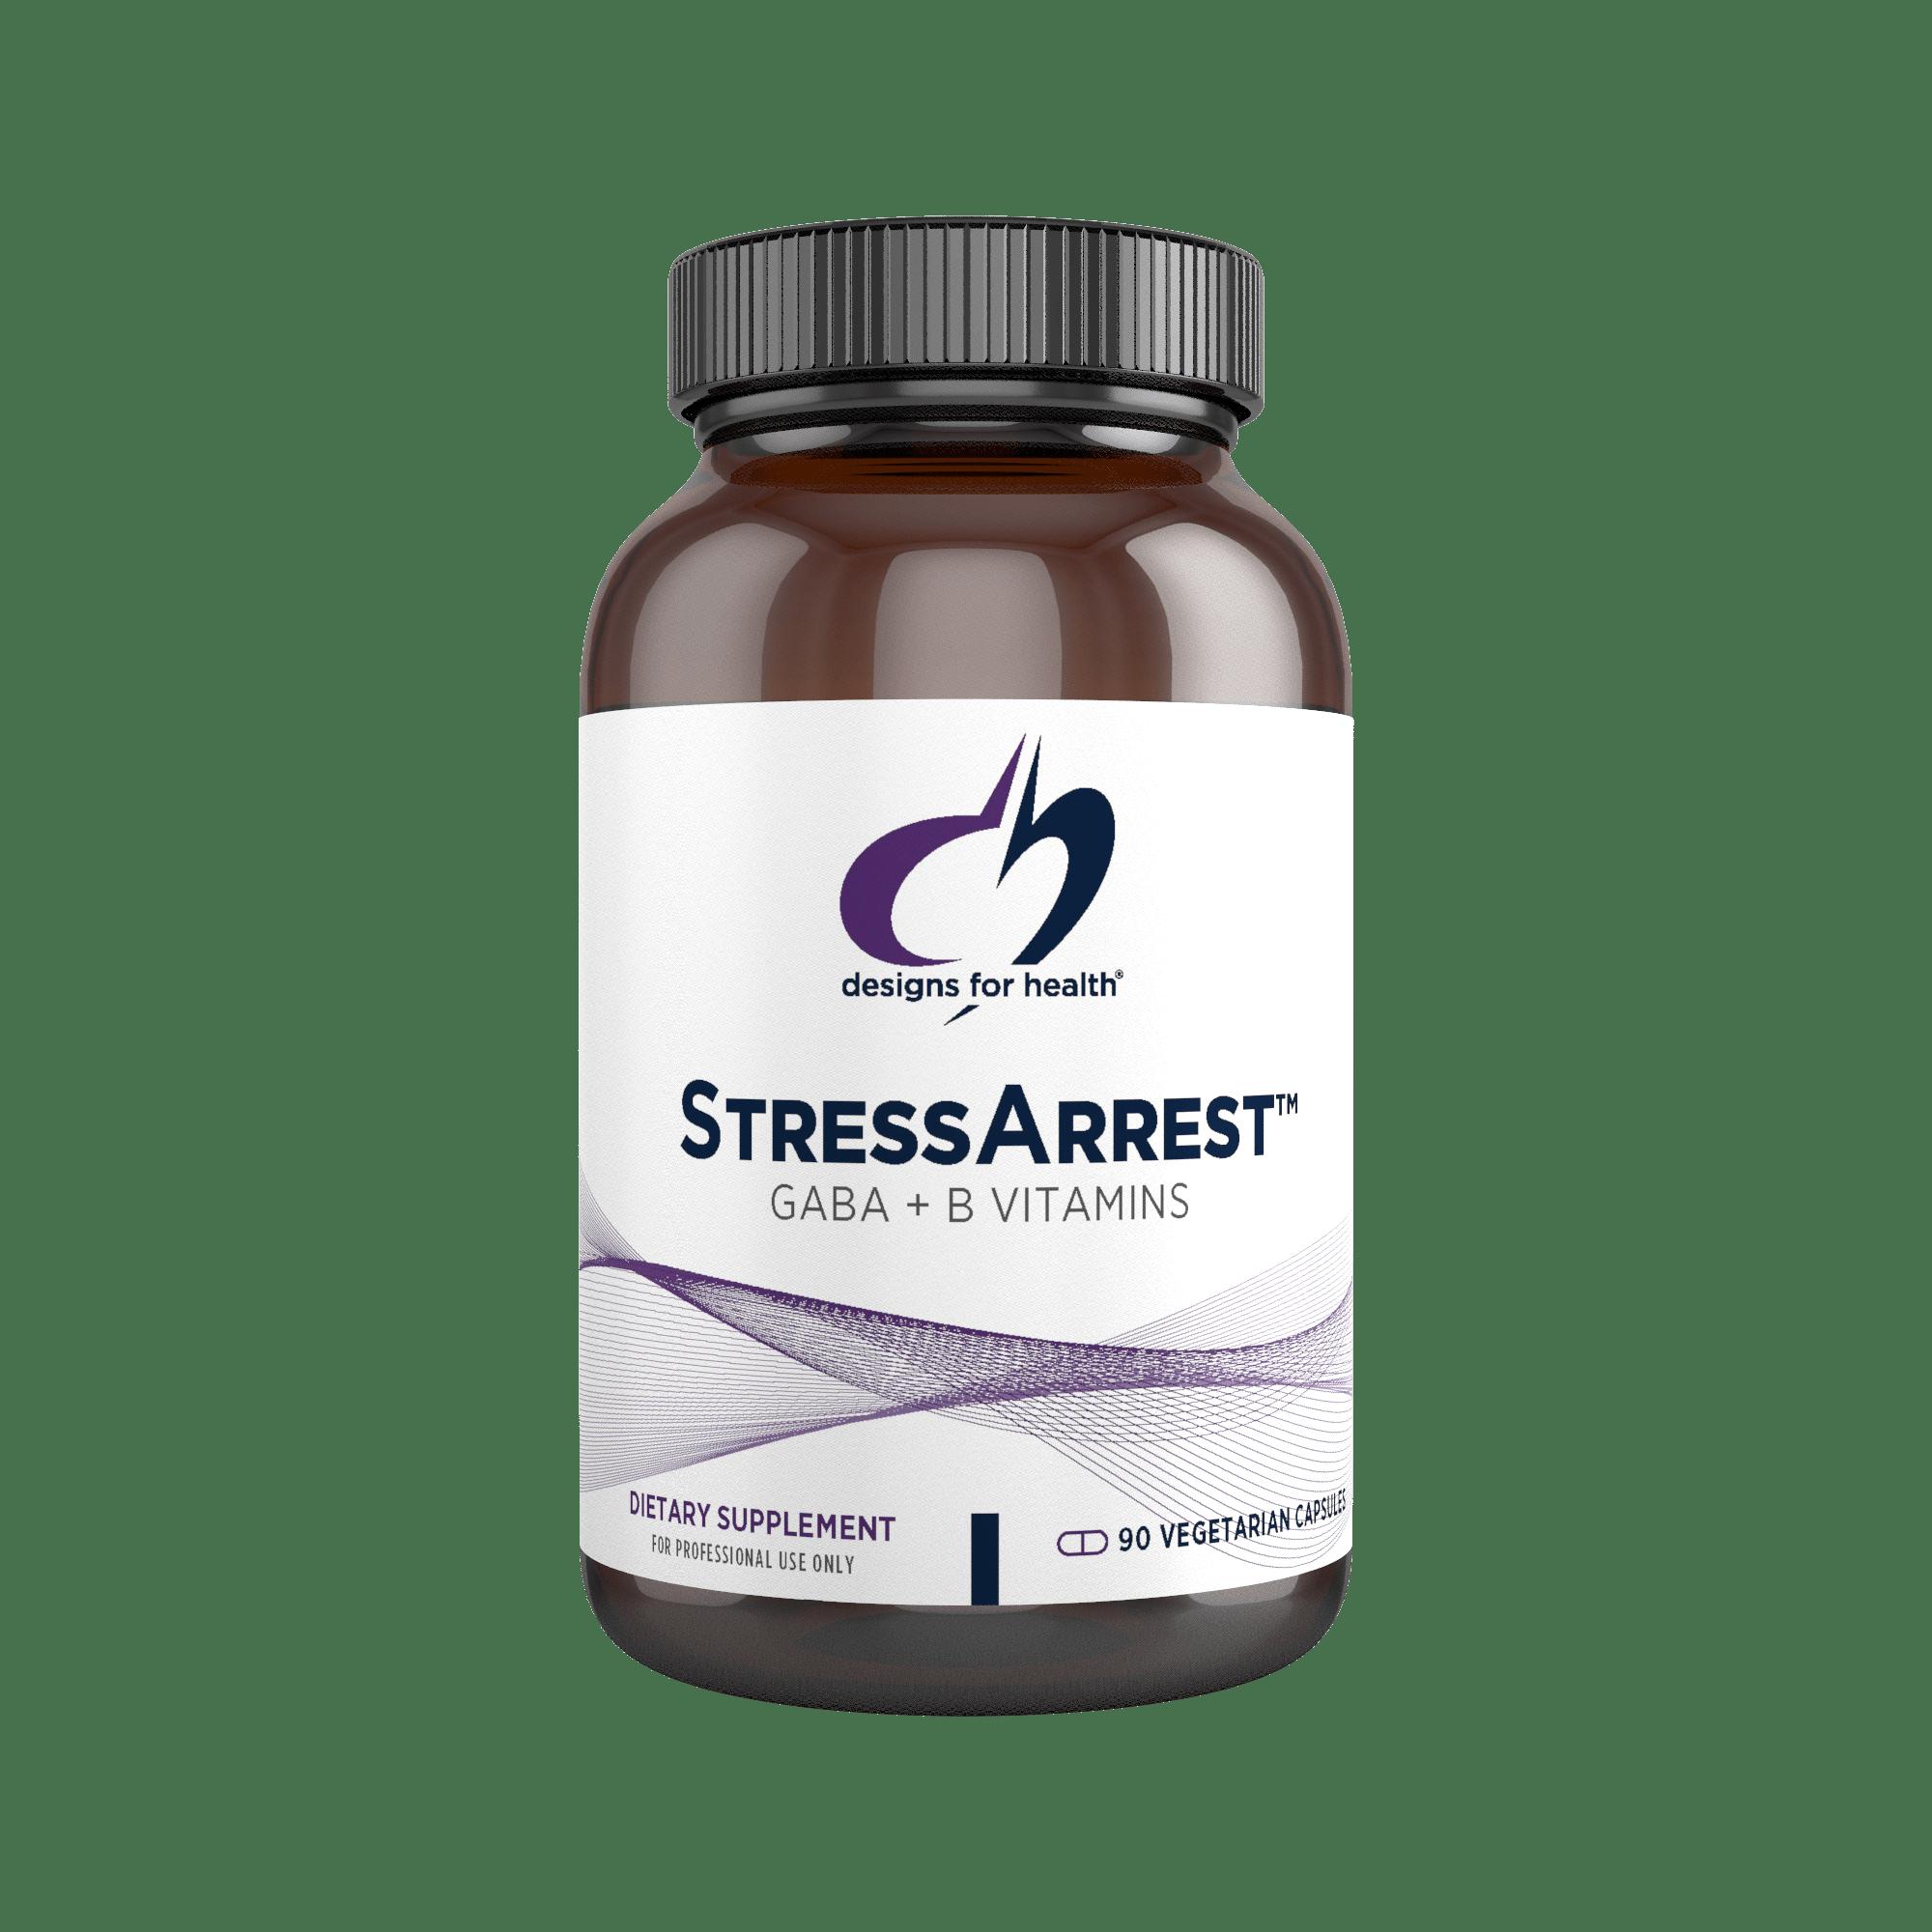 StressArrest 90 Designs for Health